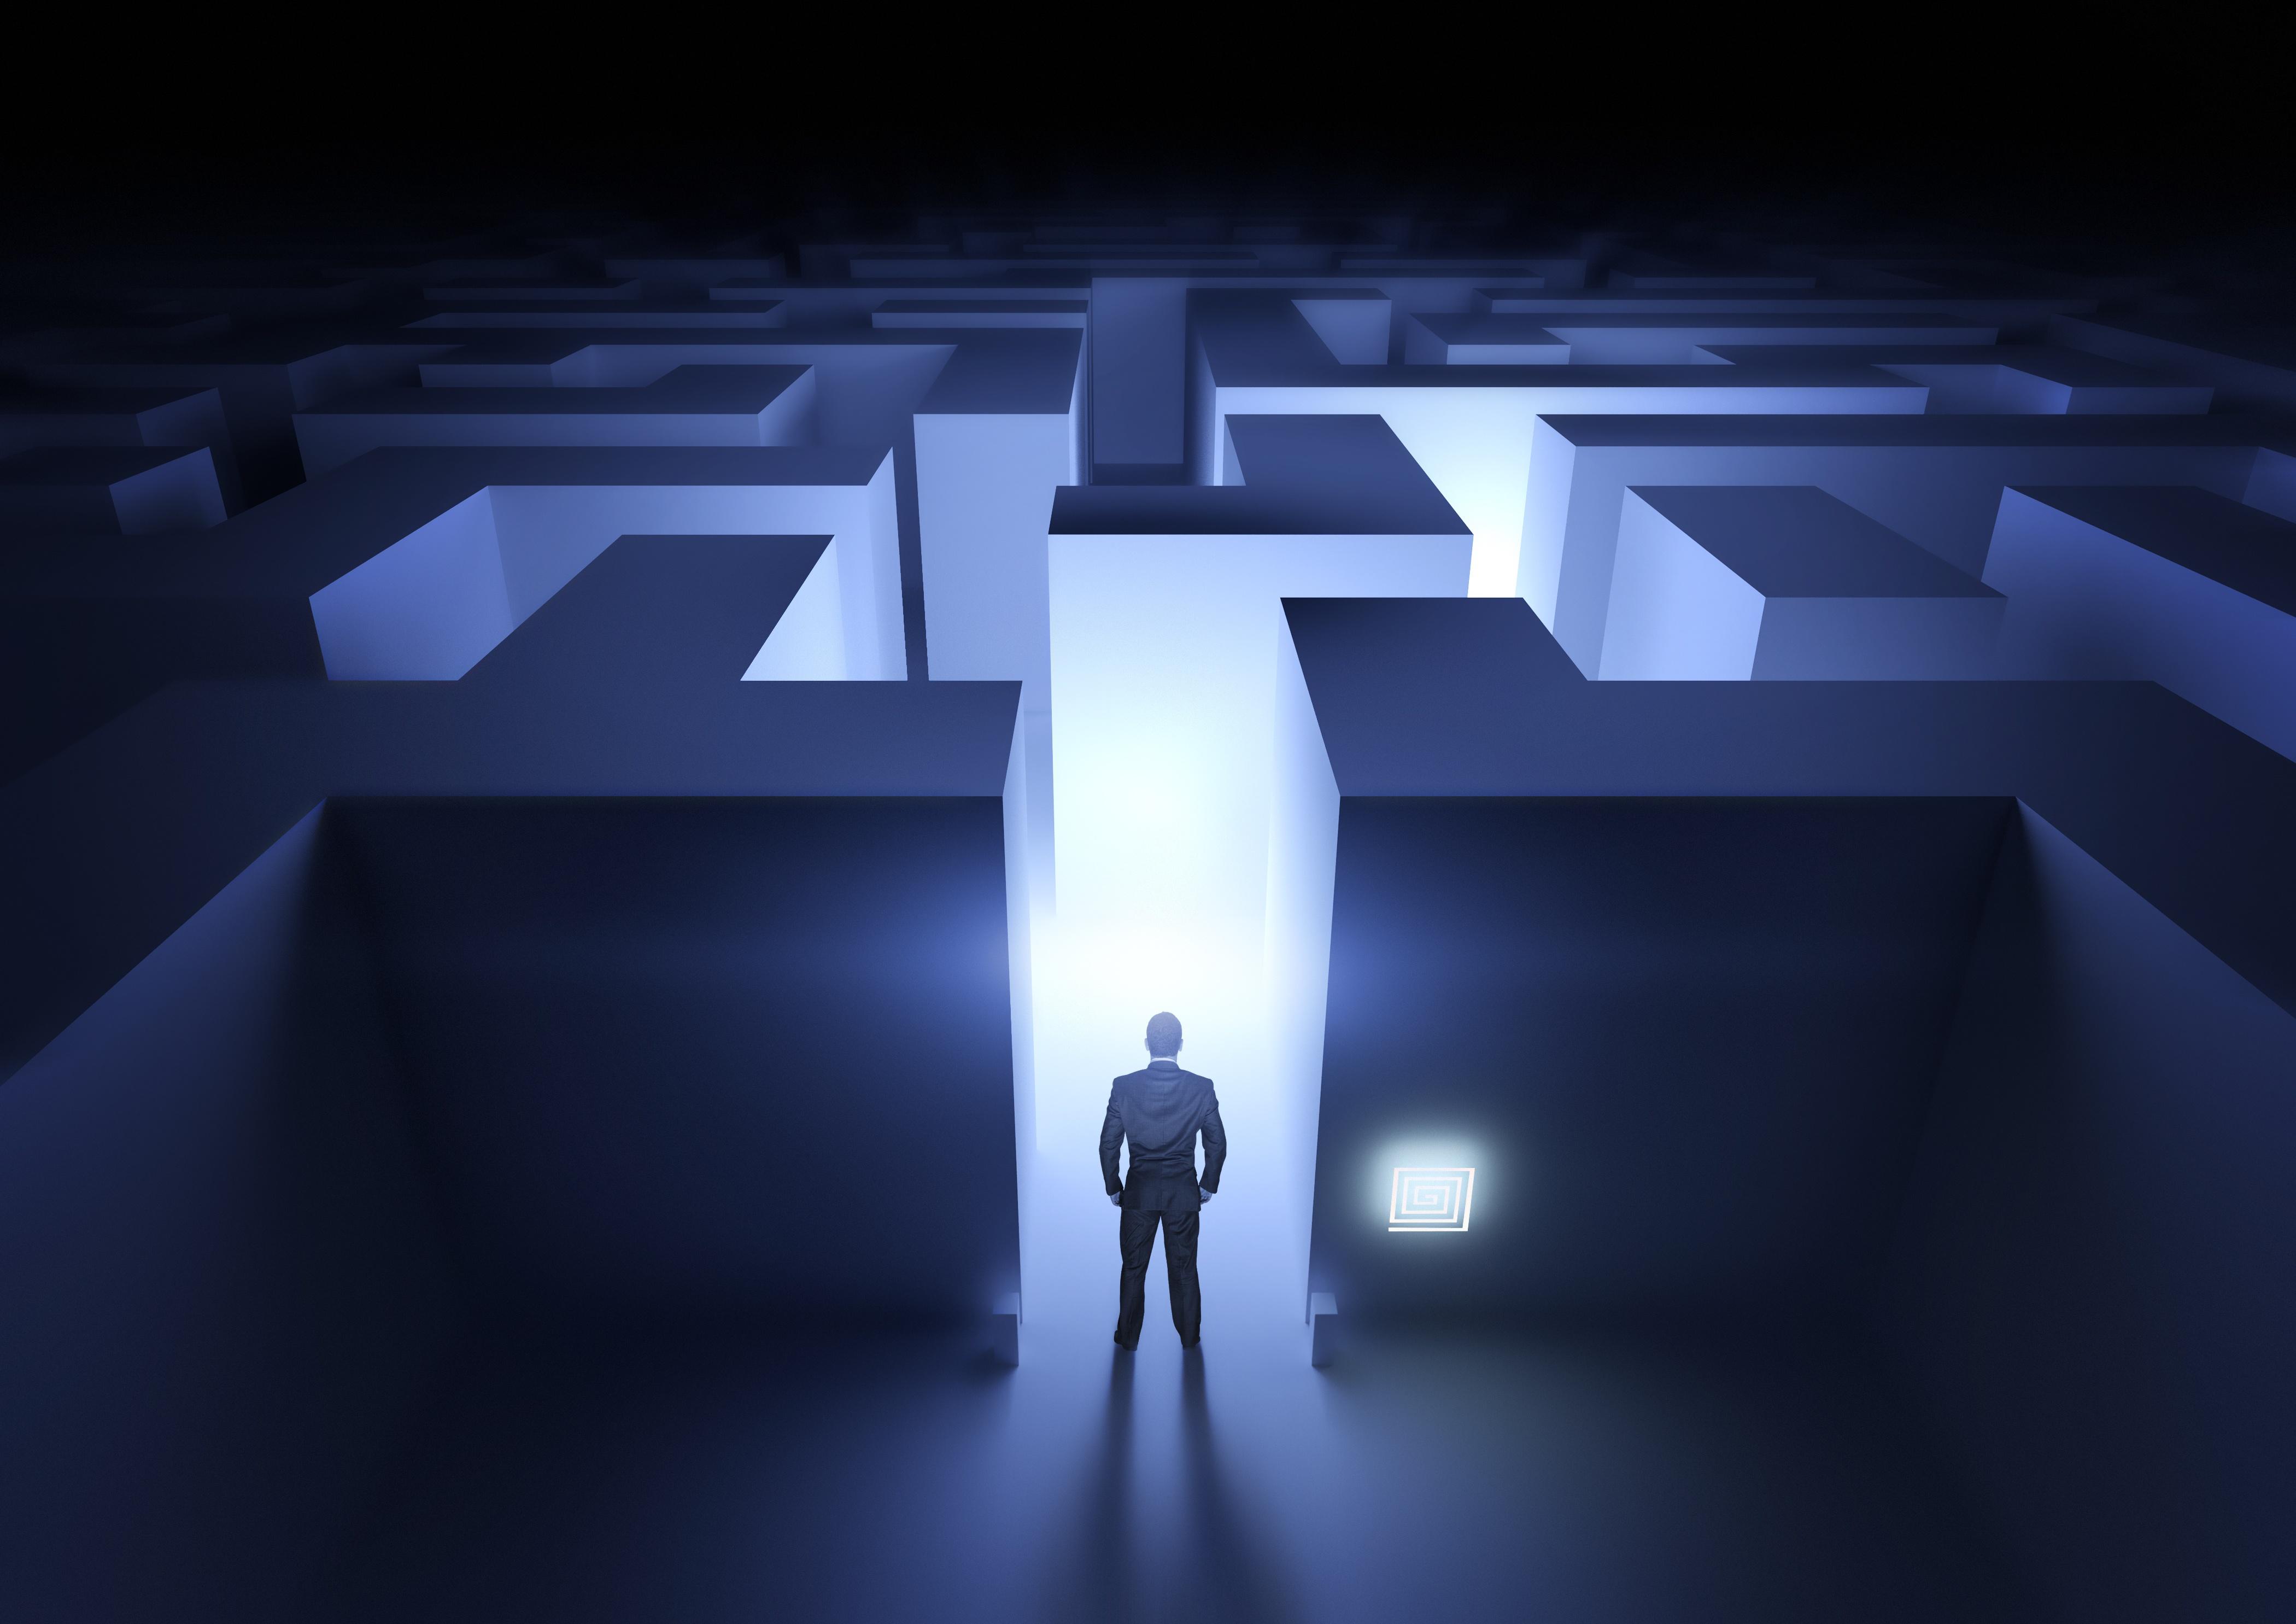 A man navigating his way through a technology maze.